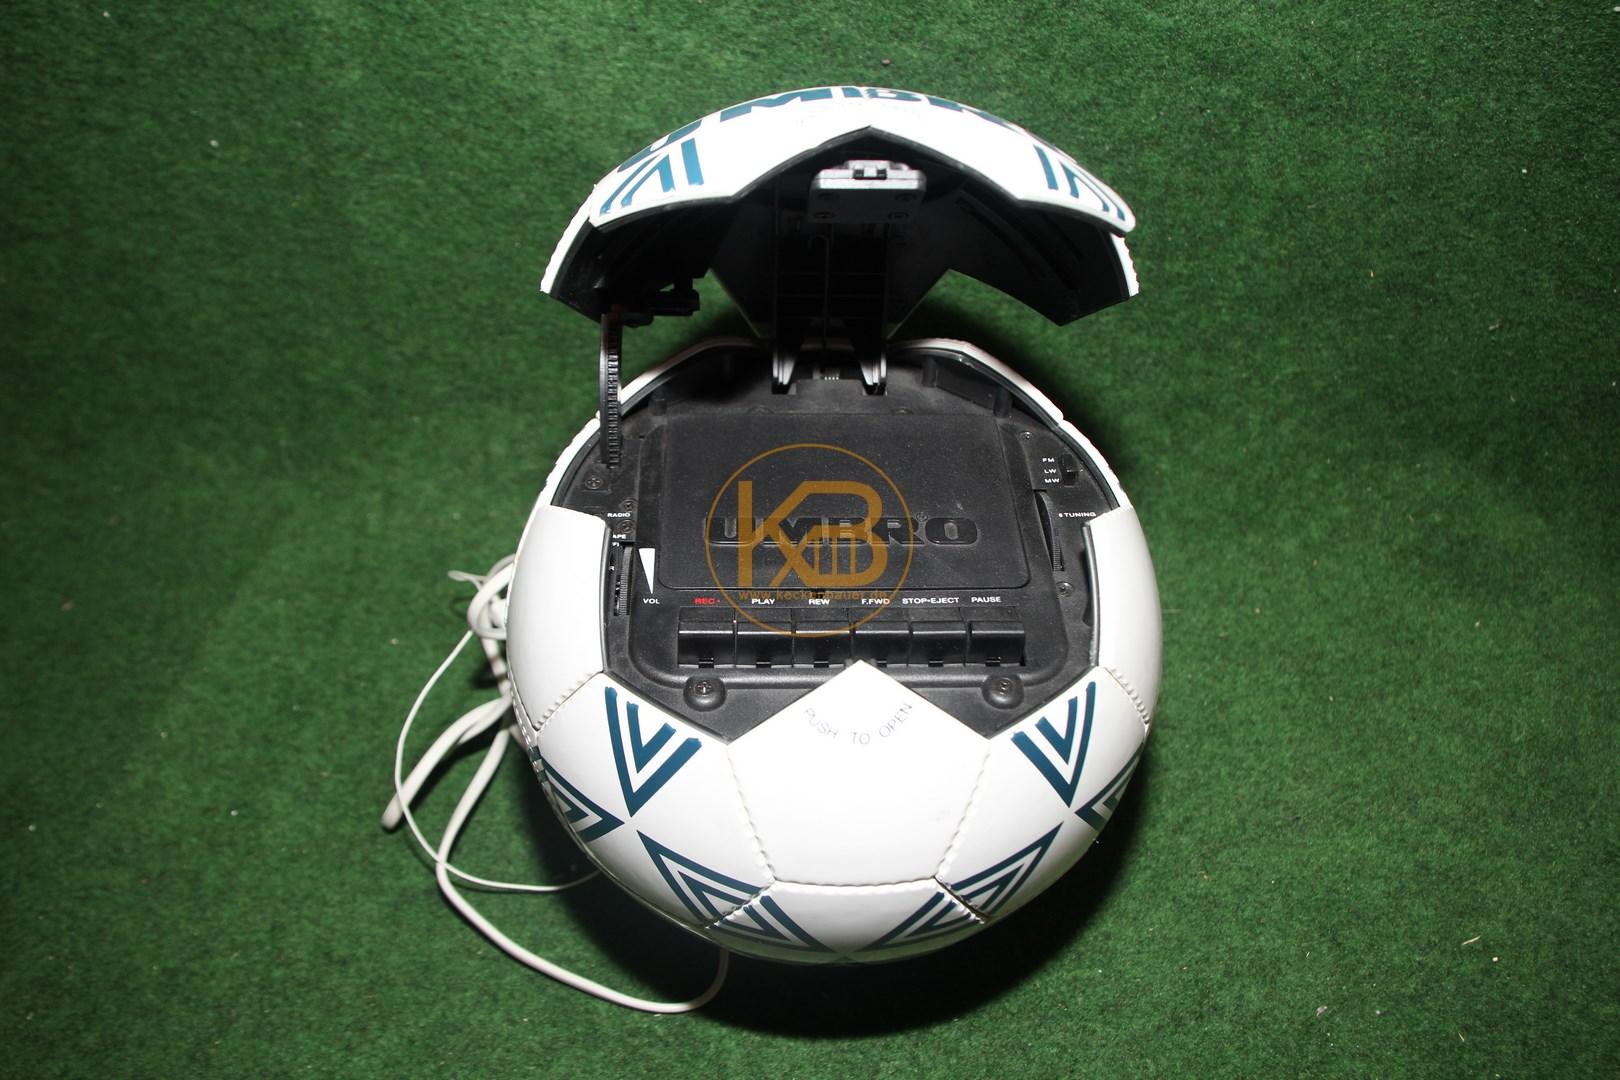 Kassetten und Radio Player in Form eines Umbro Fußballs 2/2